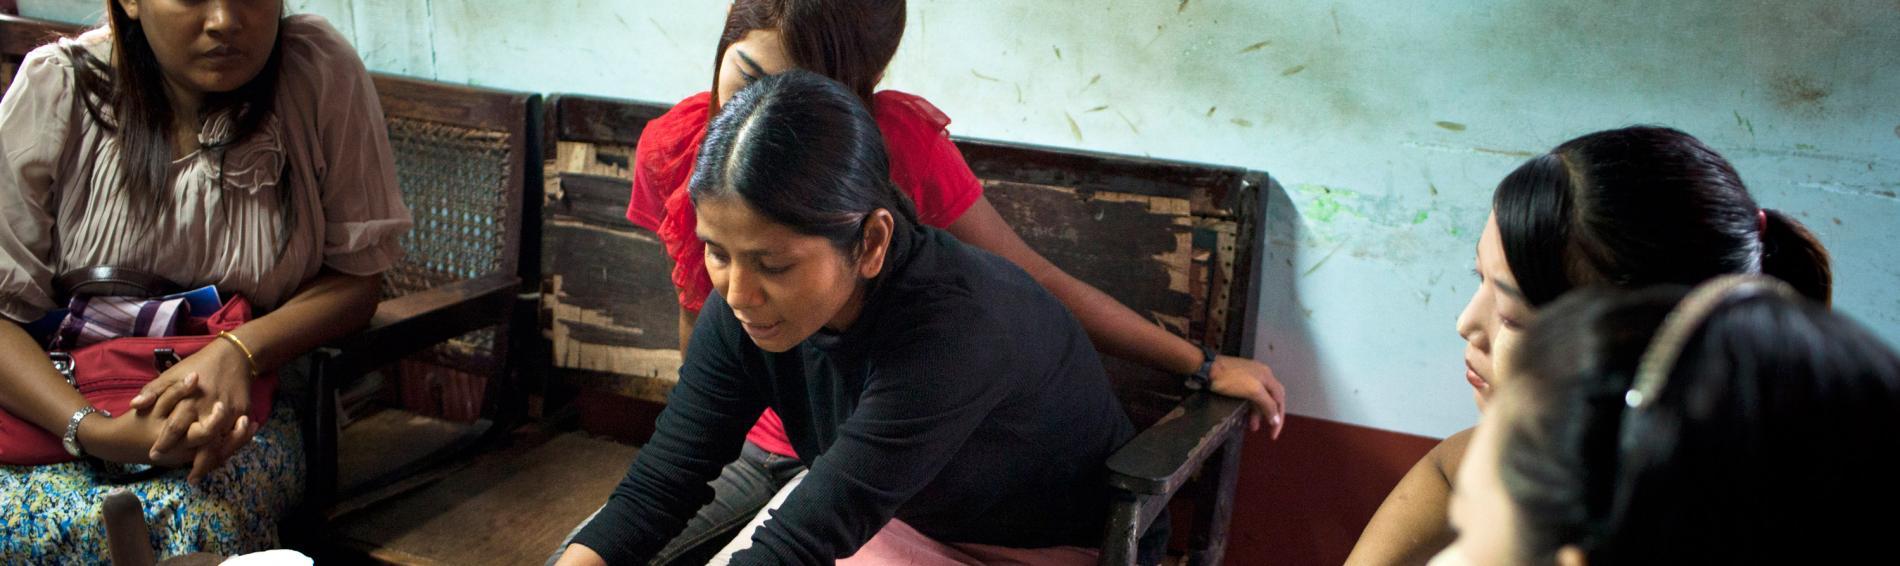 Eine Ehrenamtliche klärt Sexarbeiter über die verschiedenen Vorsichtsmaßnahmen auf. Foto:  William Daniels